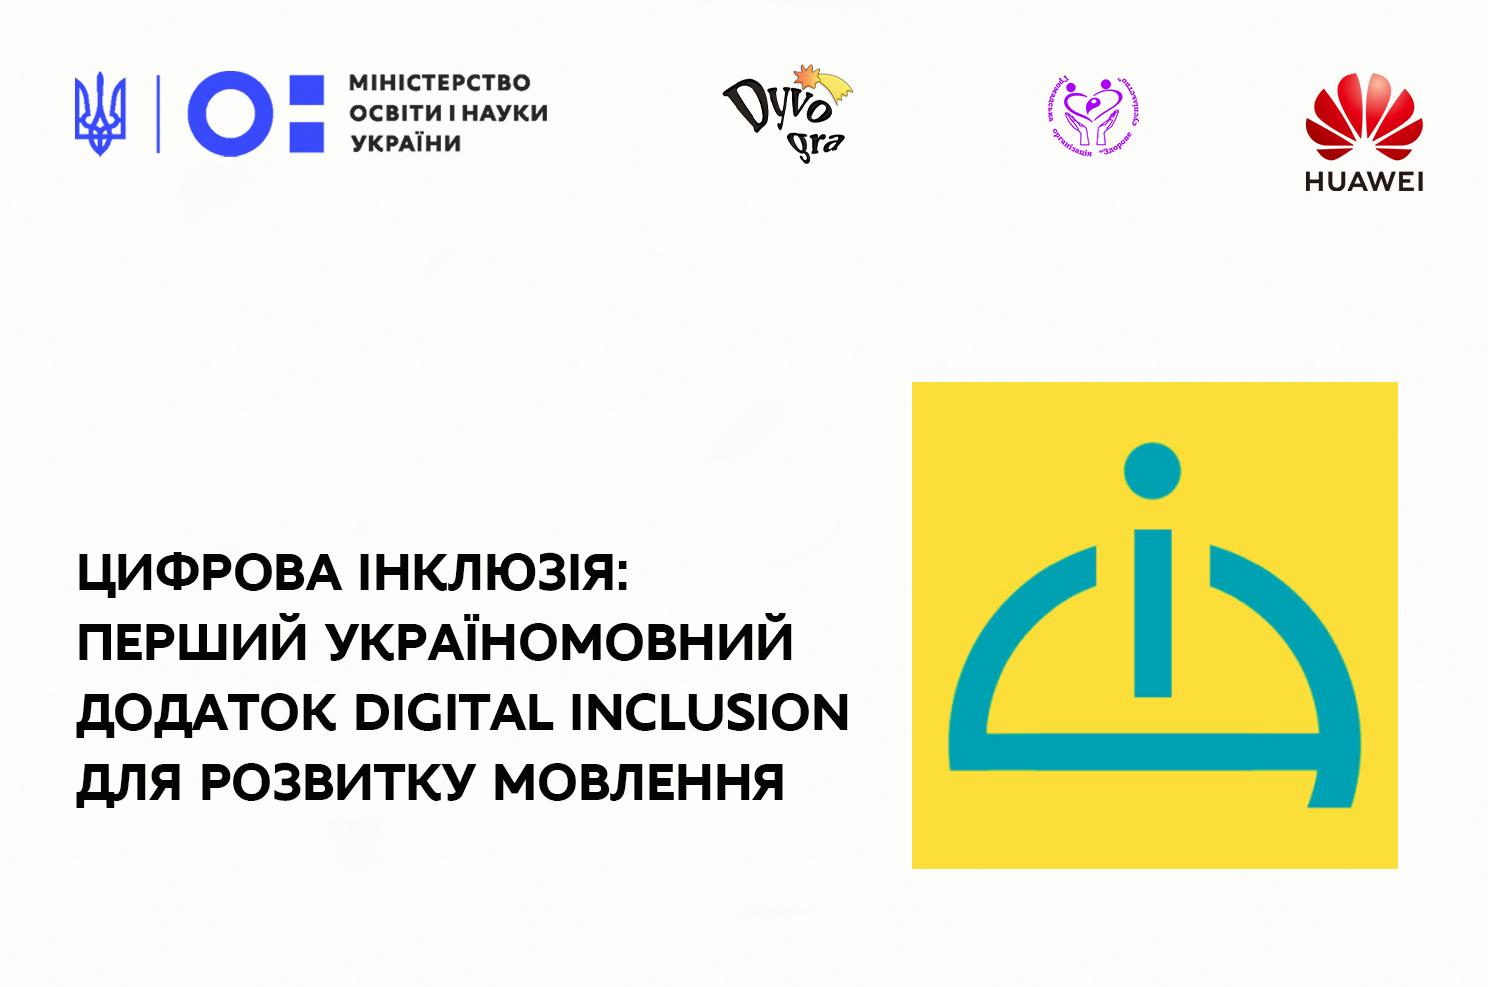 картинка україномовний додаток для аутистів